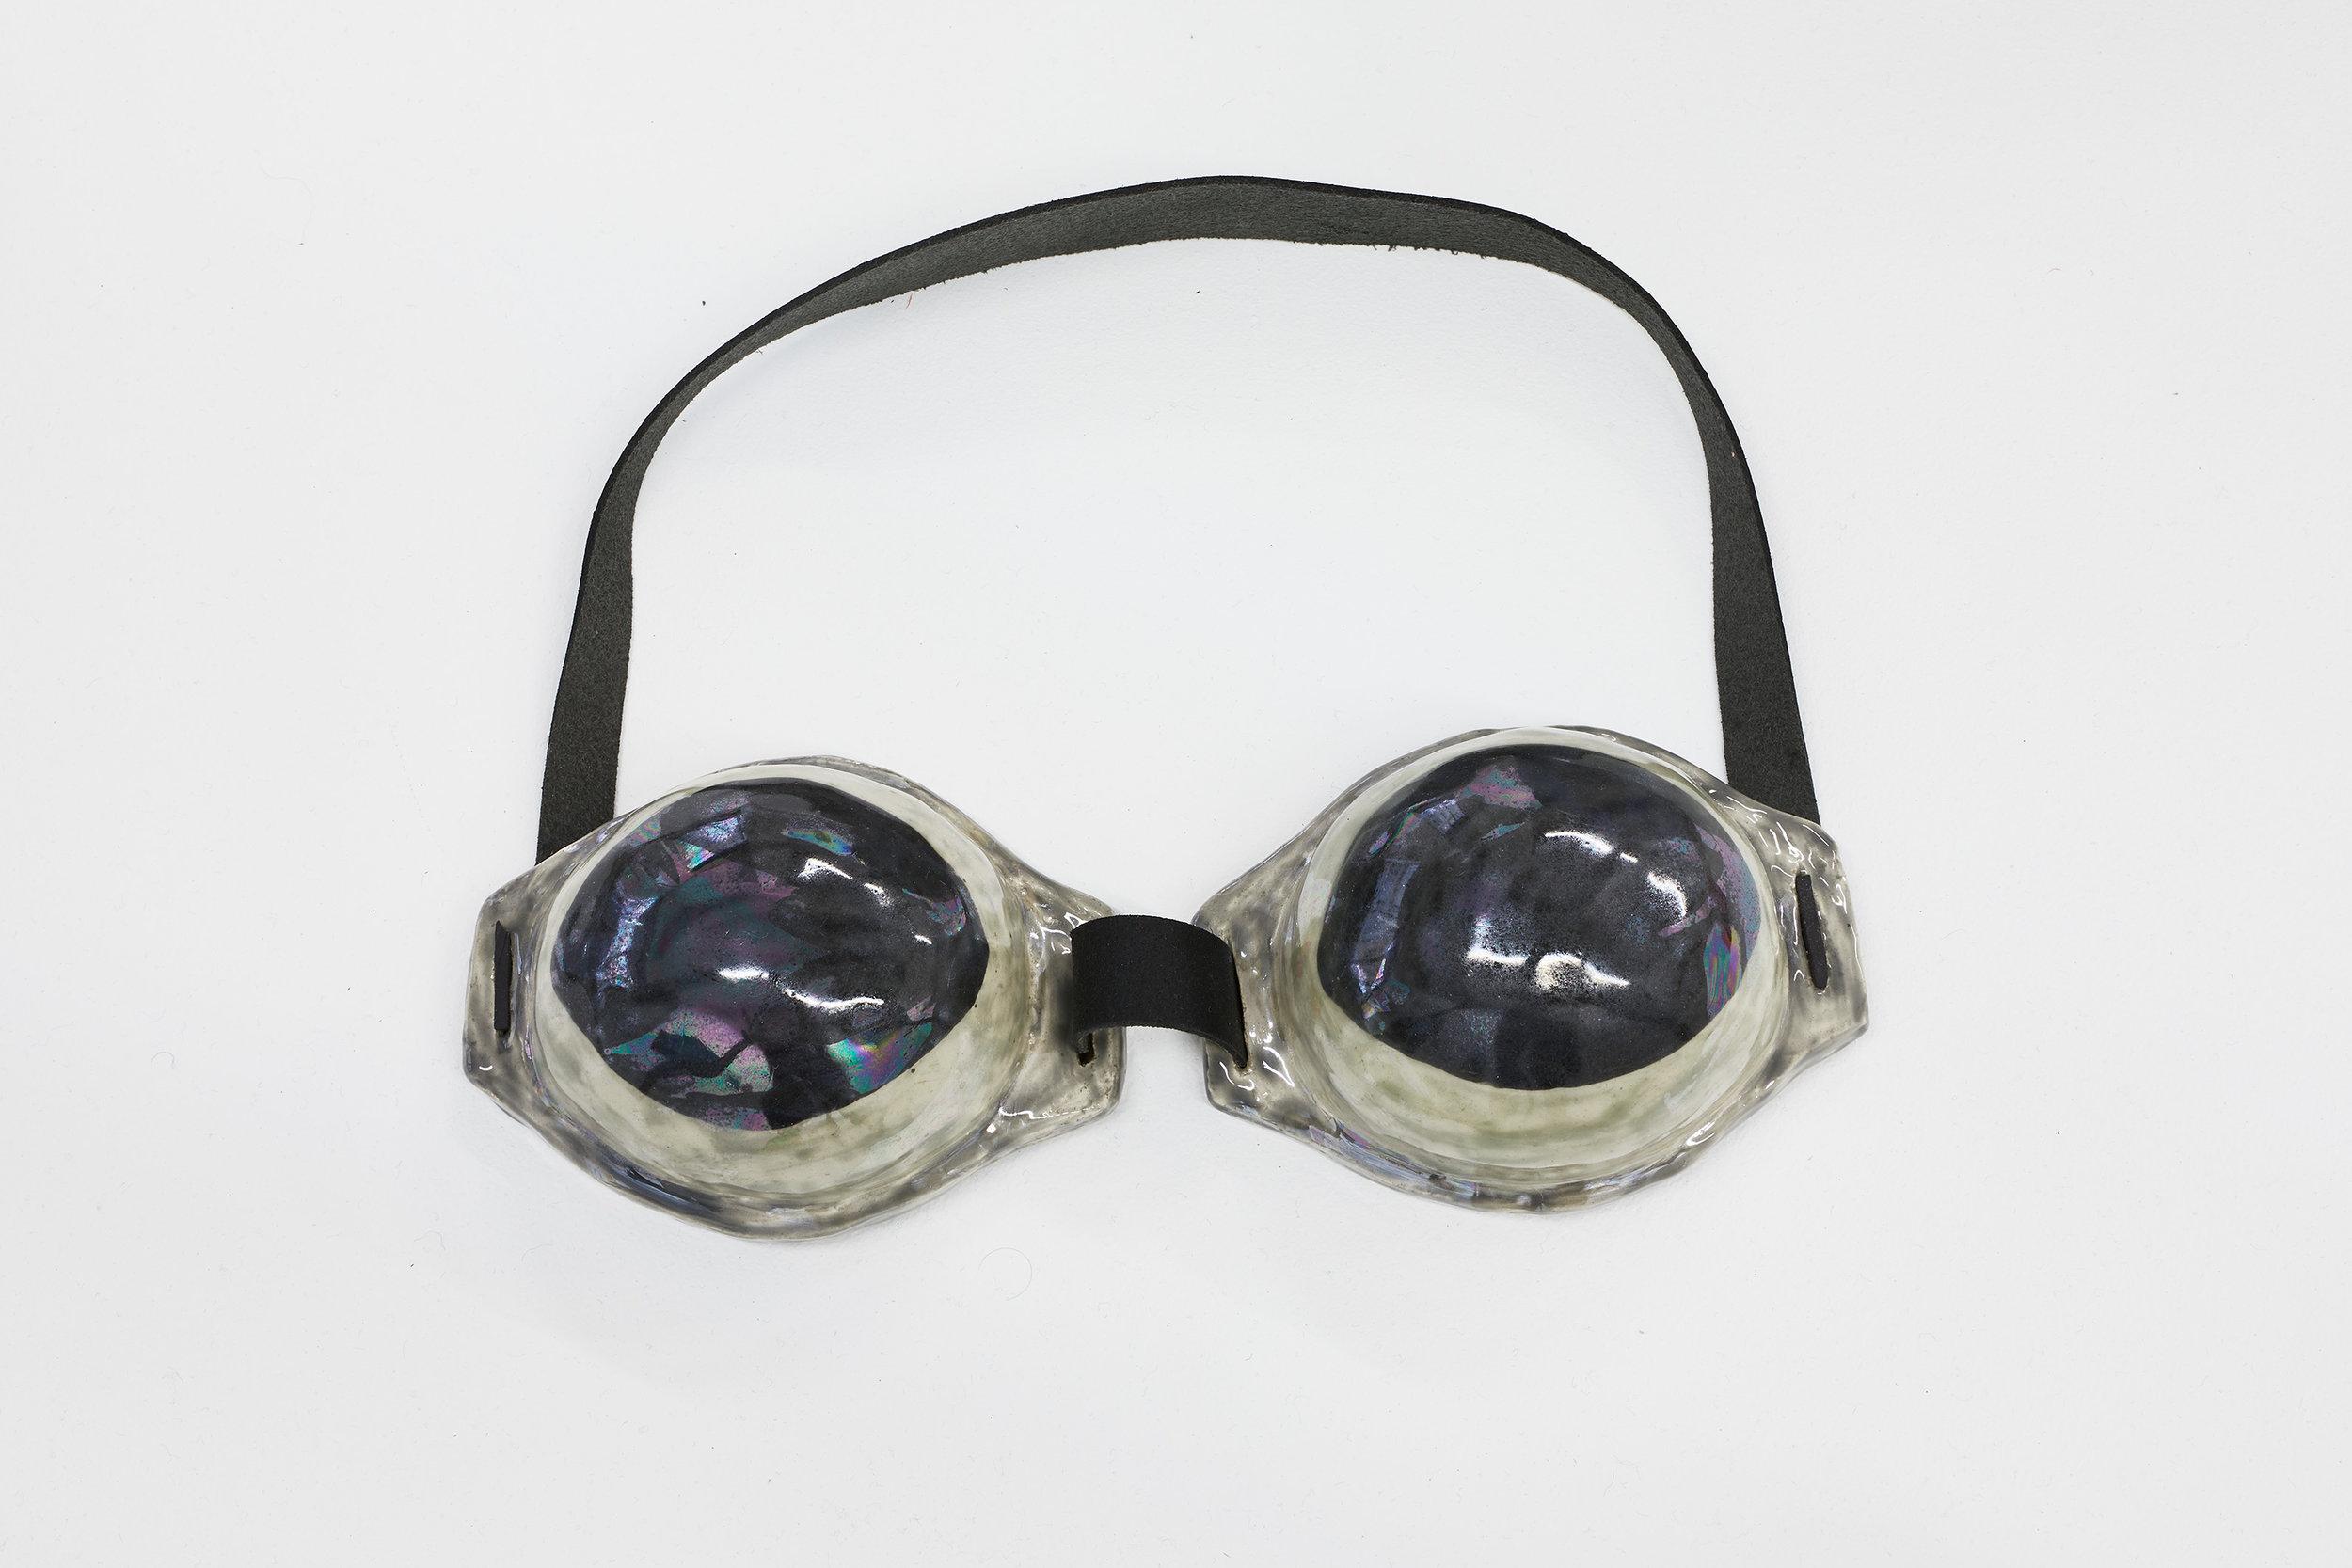 ELSA GUILLAUME, TRIPLE KIT N°17, 2018, 25 x 8 x 5 cm, Céramique émaillée, cuir et rivets. Pièce unique